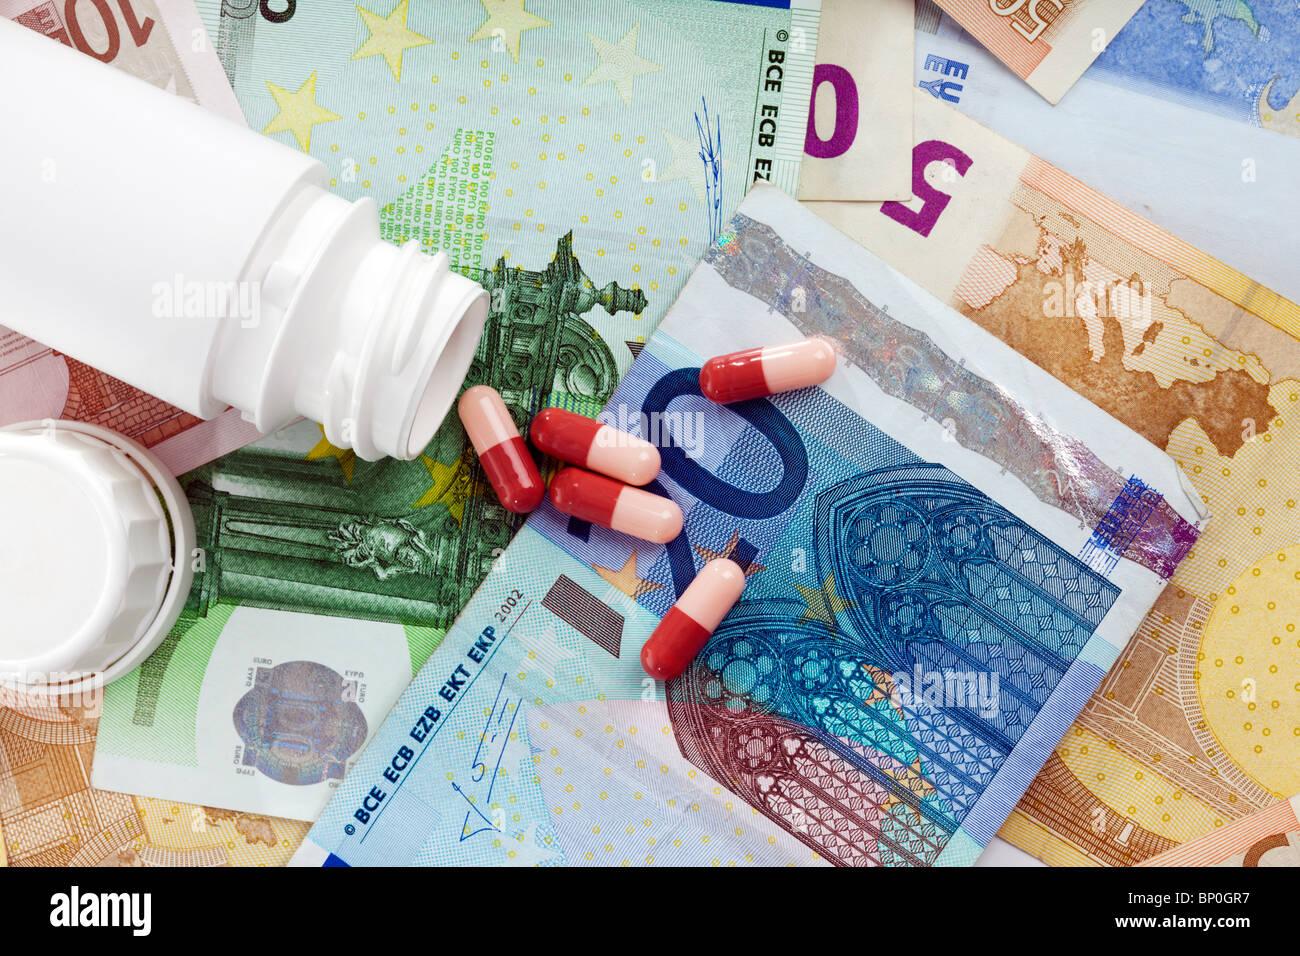 Coût élevé des soins de santé - médecine gélules tombant de bouteille sur la monnaie Photo Stock